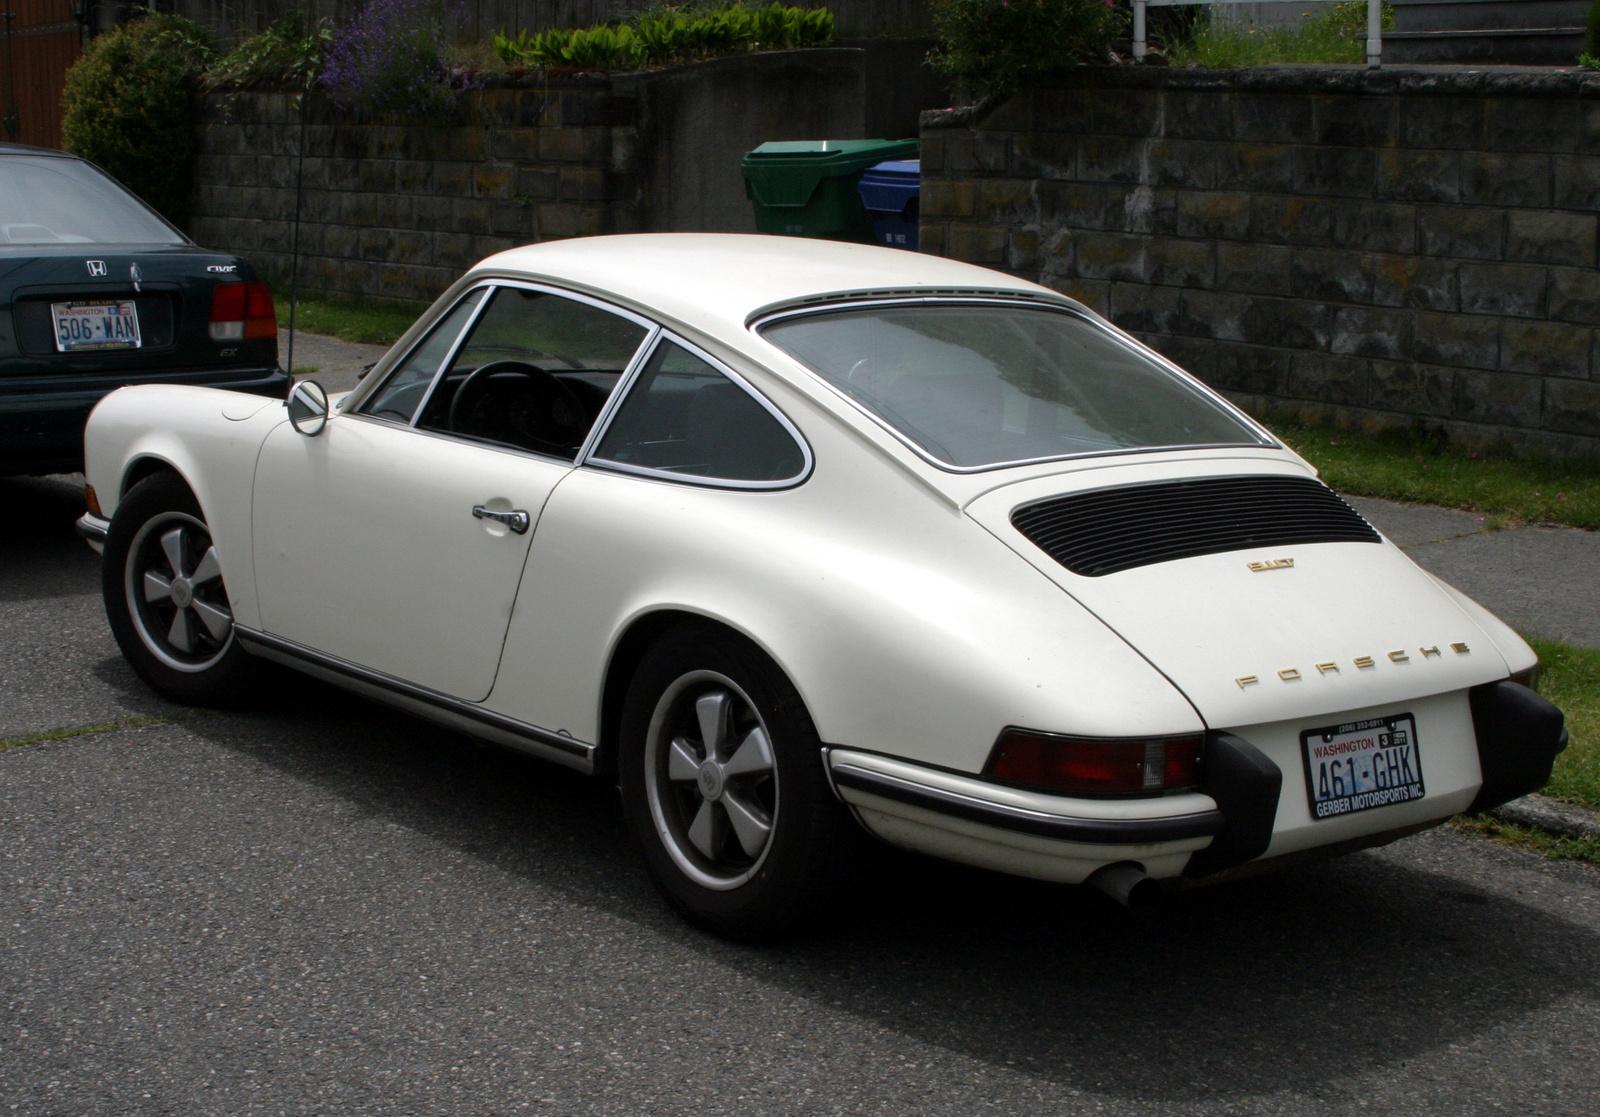 1970 Porsche 911 - Exterior Pictures - CarGurus